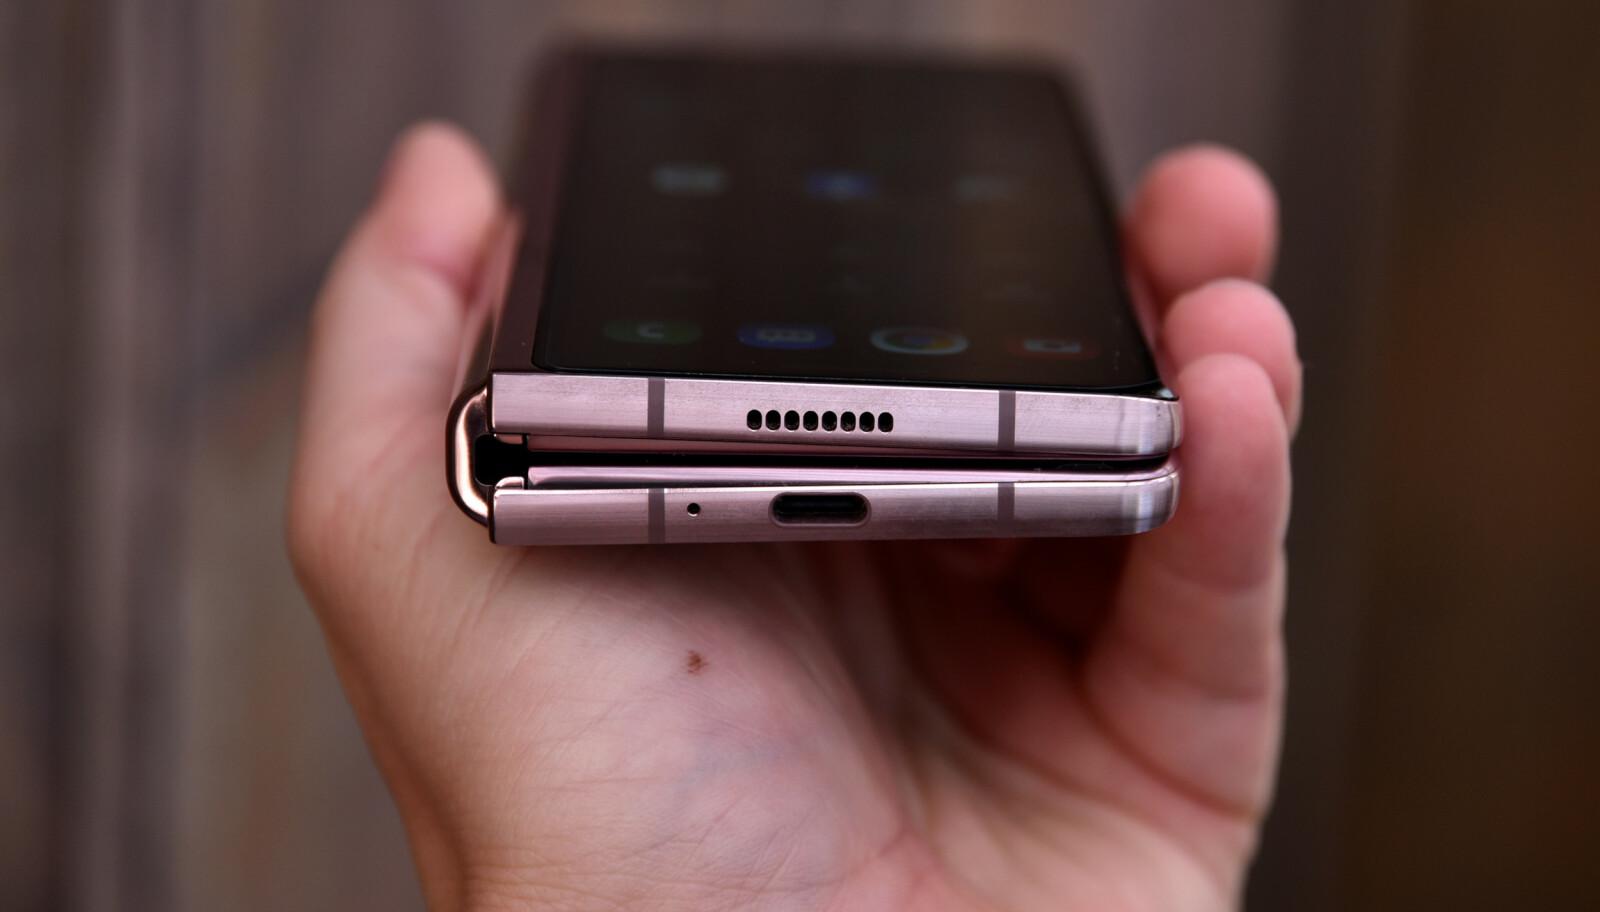 NYTT HENGSEL: Ikke bare gjør det nye hengselet at telefonen kan stå som en bærbar PC - det har også ekstra beskyttelse mot at det kommer ting som sand og den slags inn mot den indre skjermen. Foto: Pål Joakim Pollen